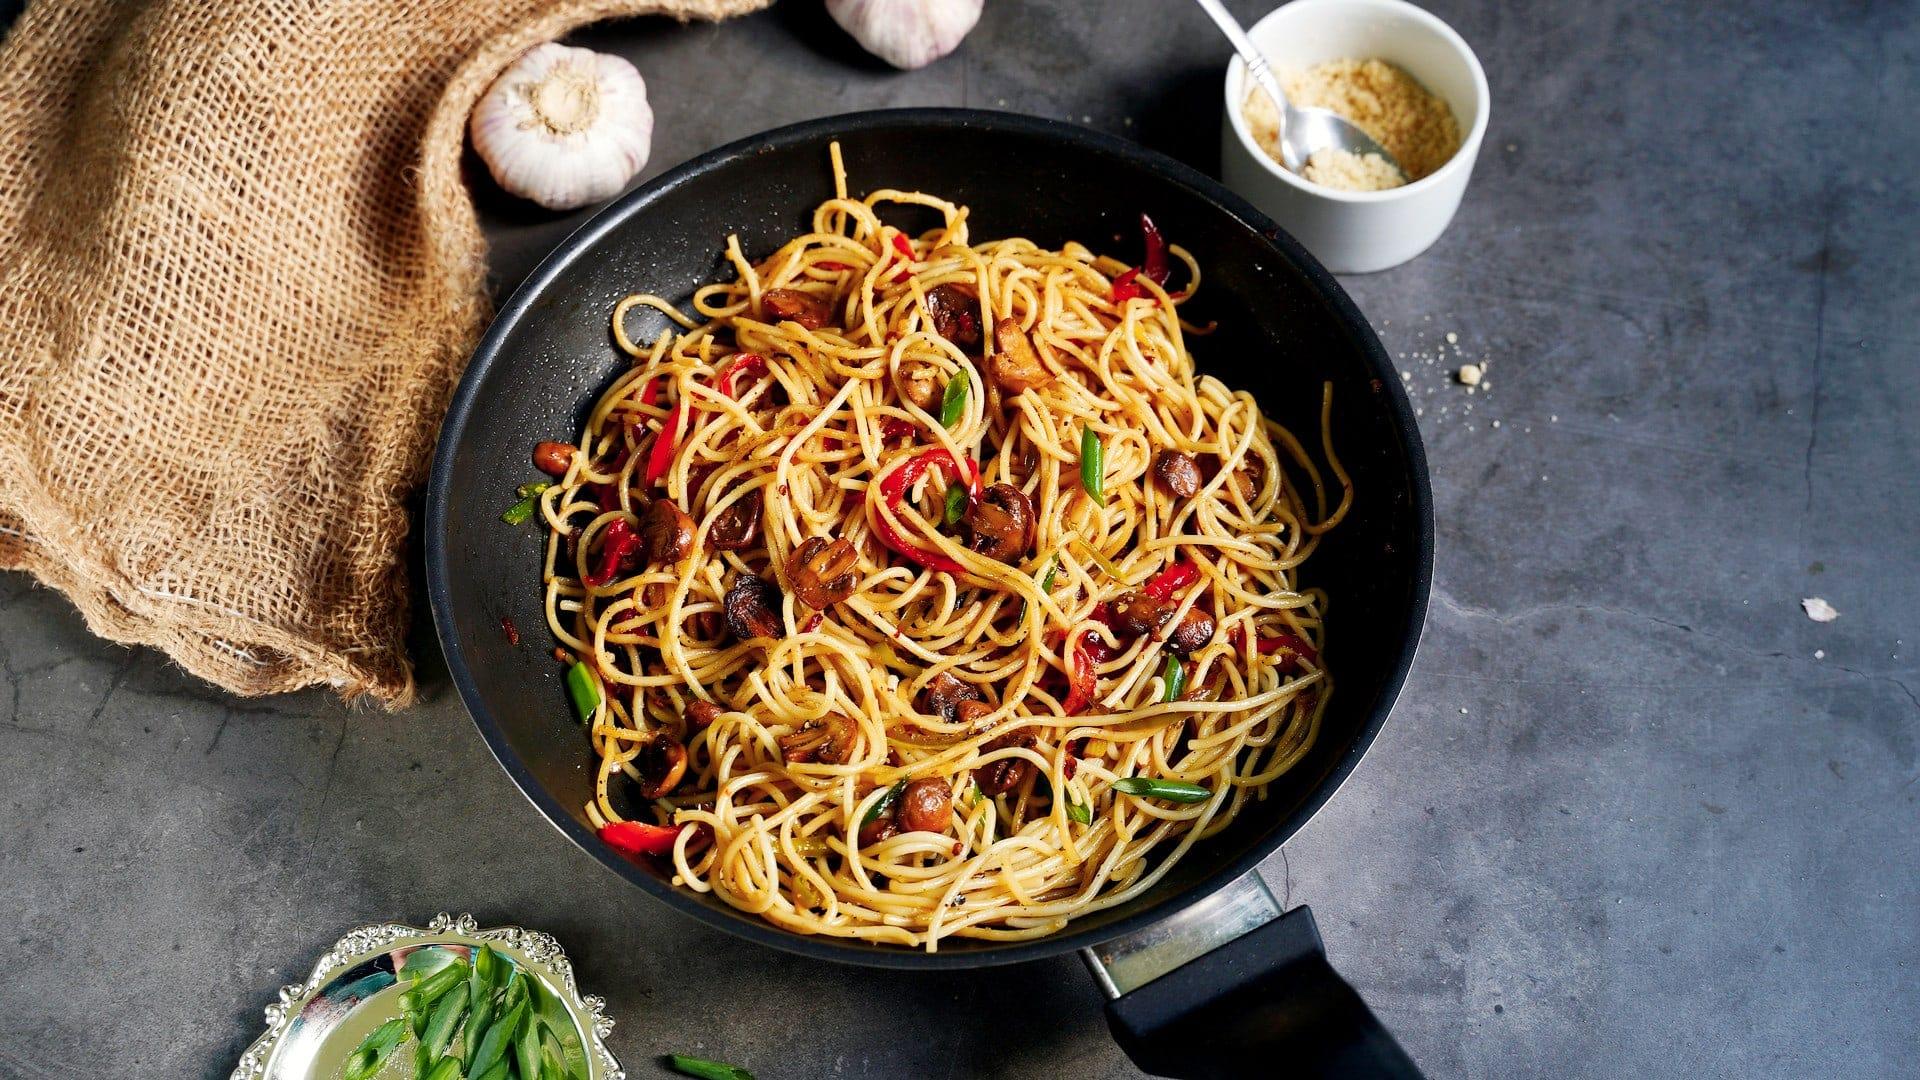 horizontal shot of garlic noodles with veggies in black pan